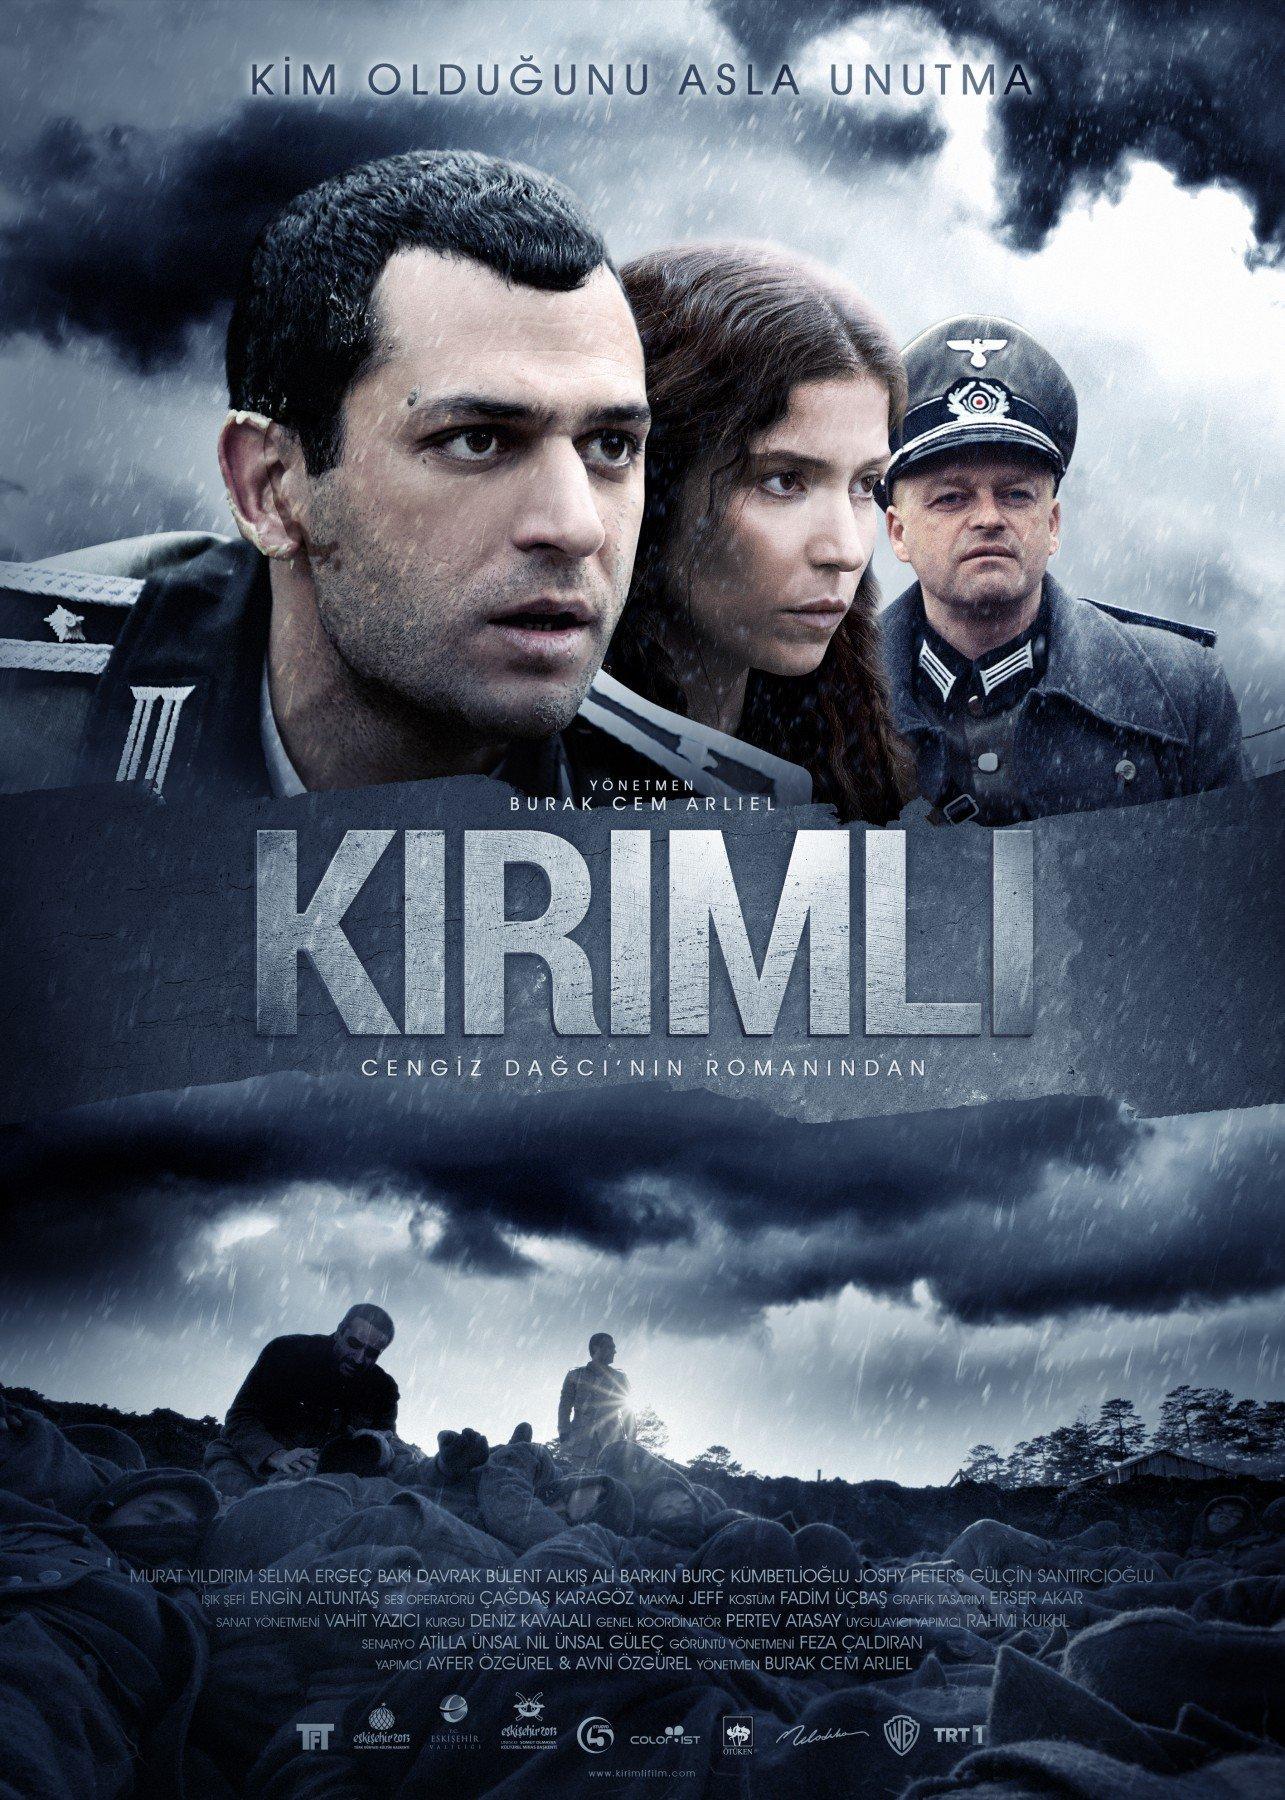 Kirimli 2014 Imdb